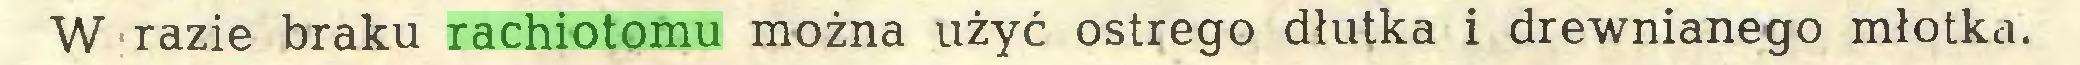 (...) W razie braku rachiotomu można użyć ostrego dłutka i drewnianego młotka...